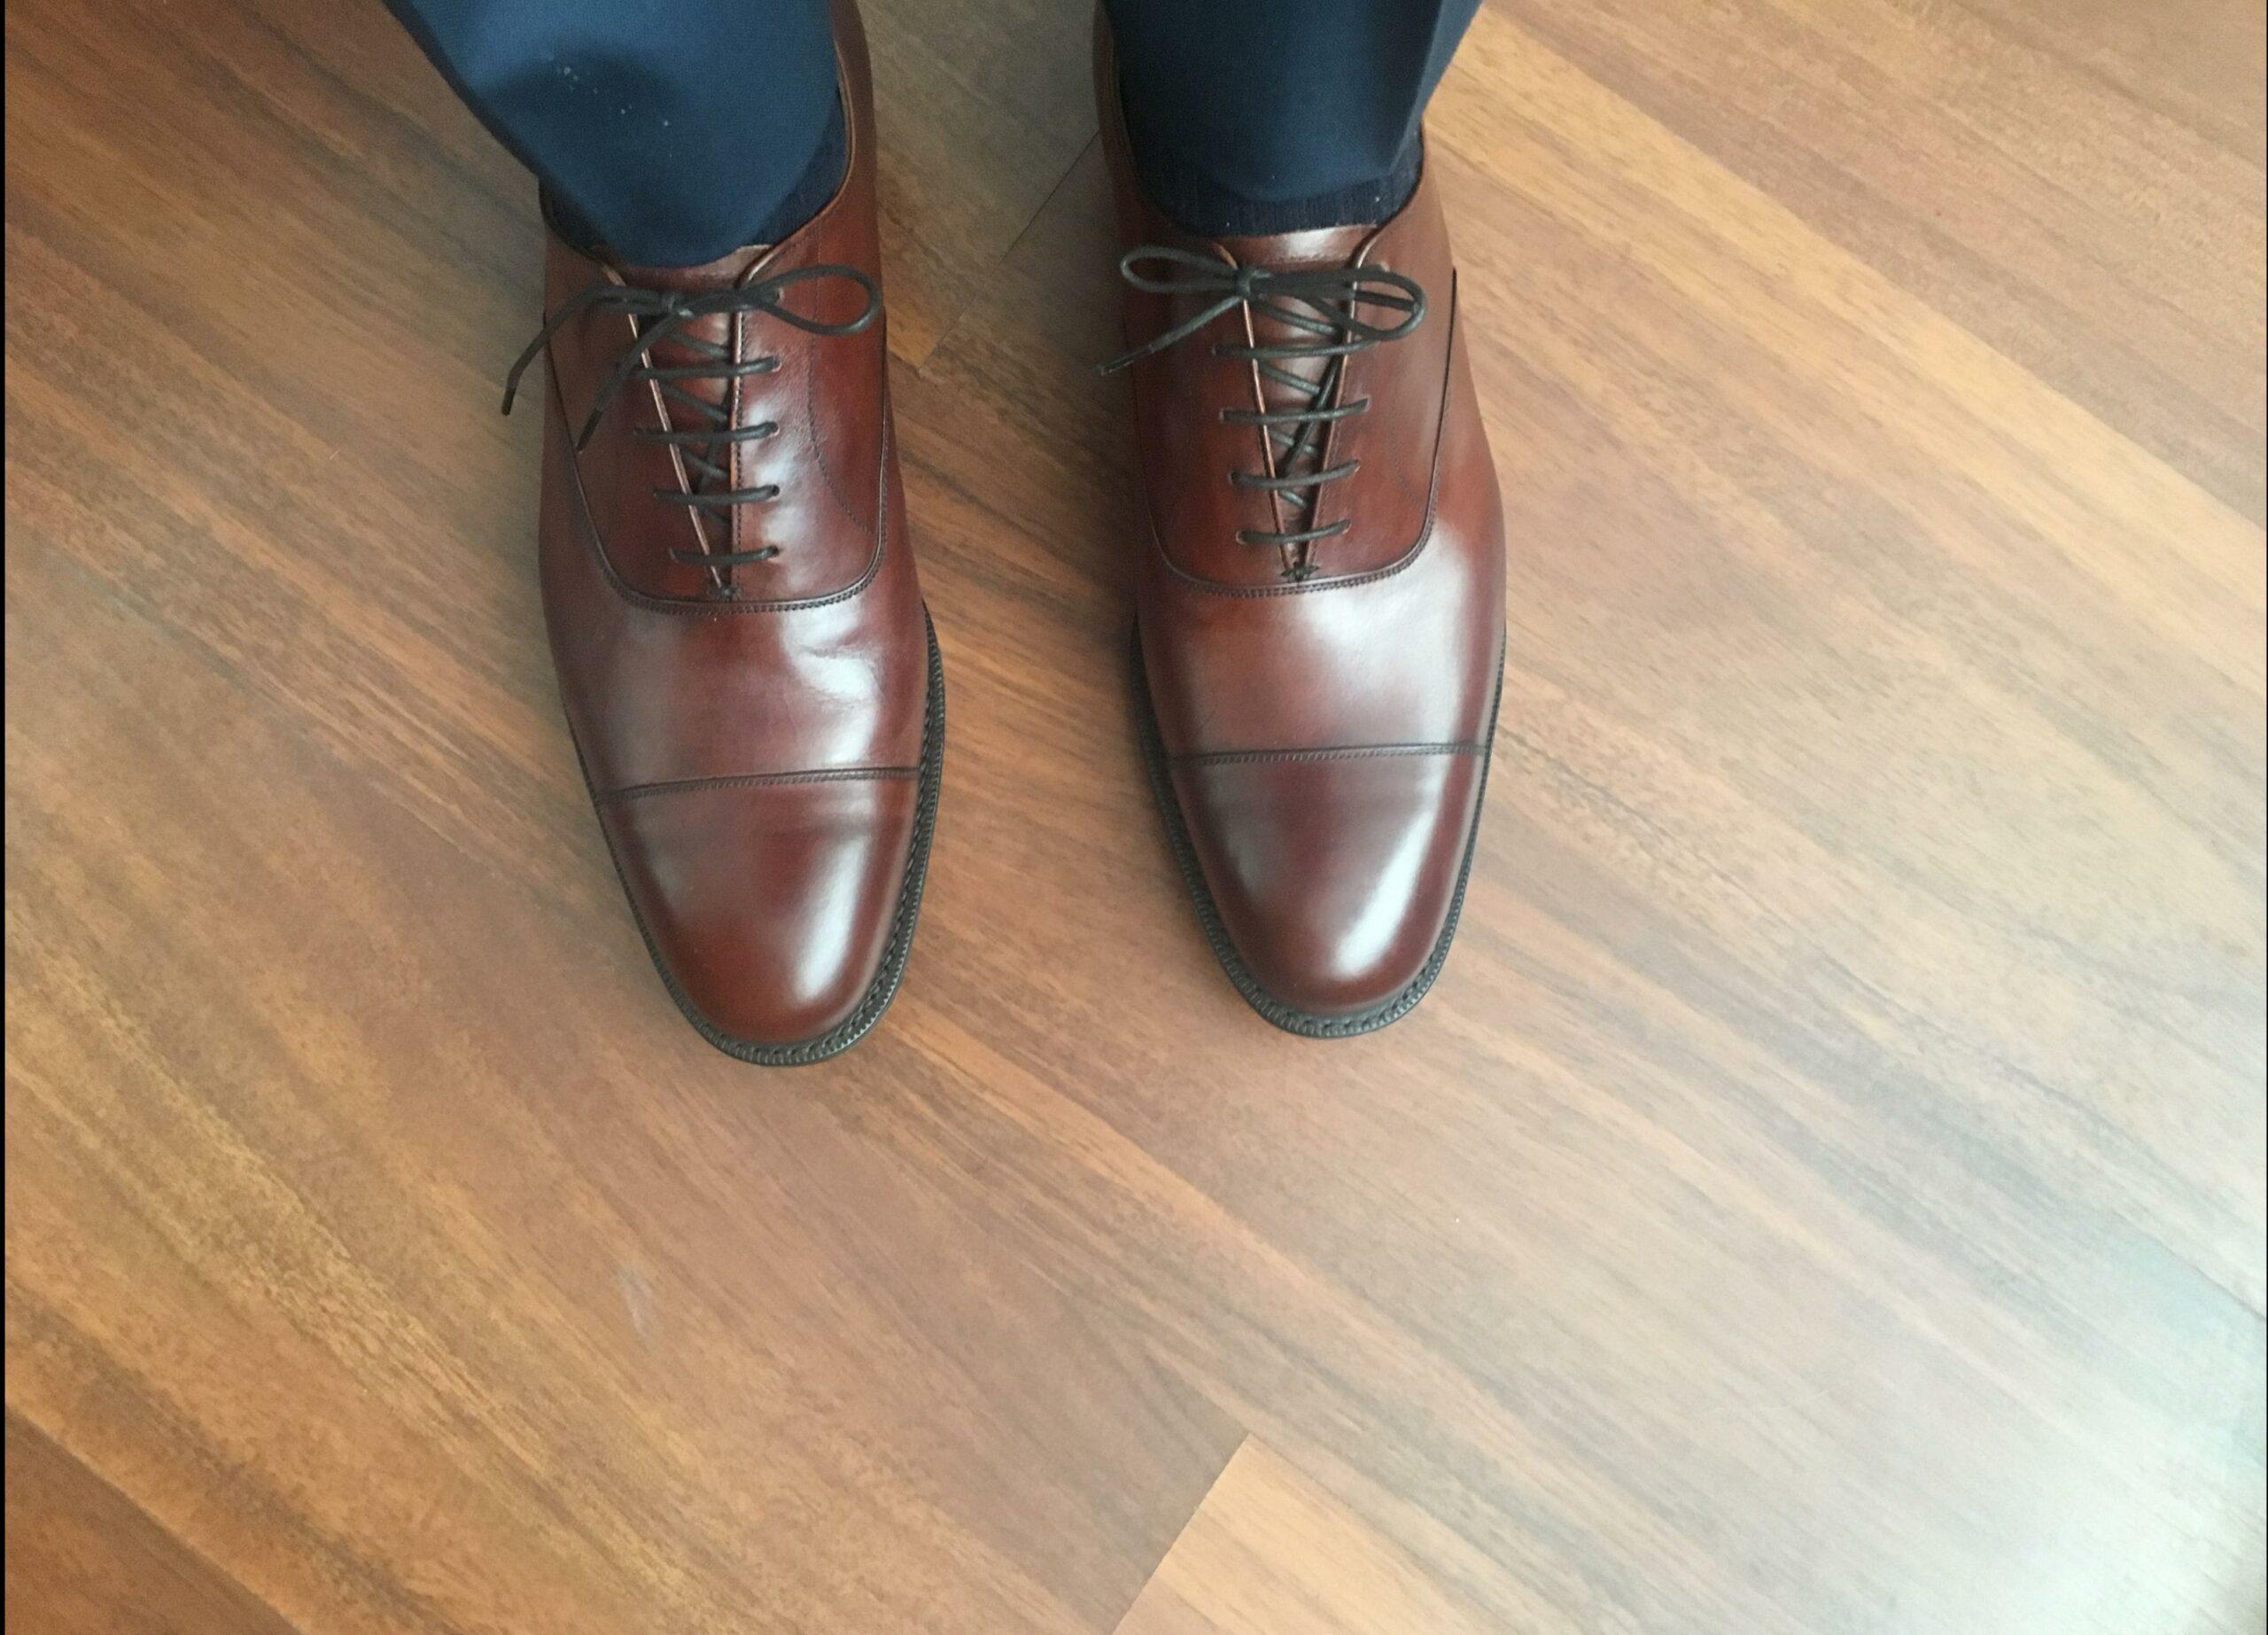 La paire semble être à la bonne taille néanmoins les garants complètement éclatés, bien que le soulier ne soit pas suffisamment serré le cou-de-pied du porteur est trop fort pour cette forme. (Source : Styleforum)